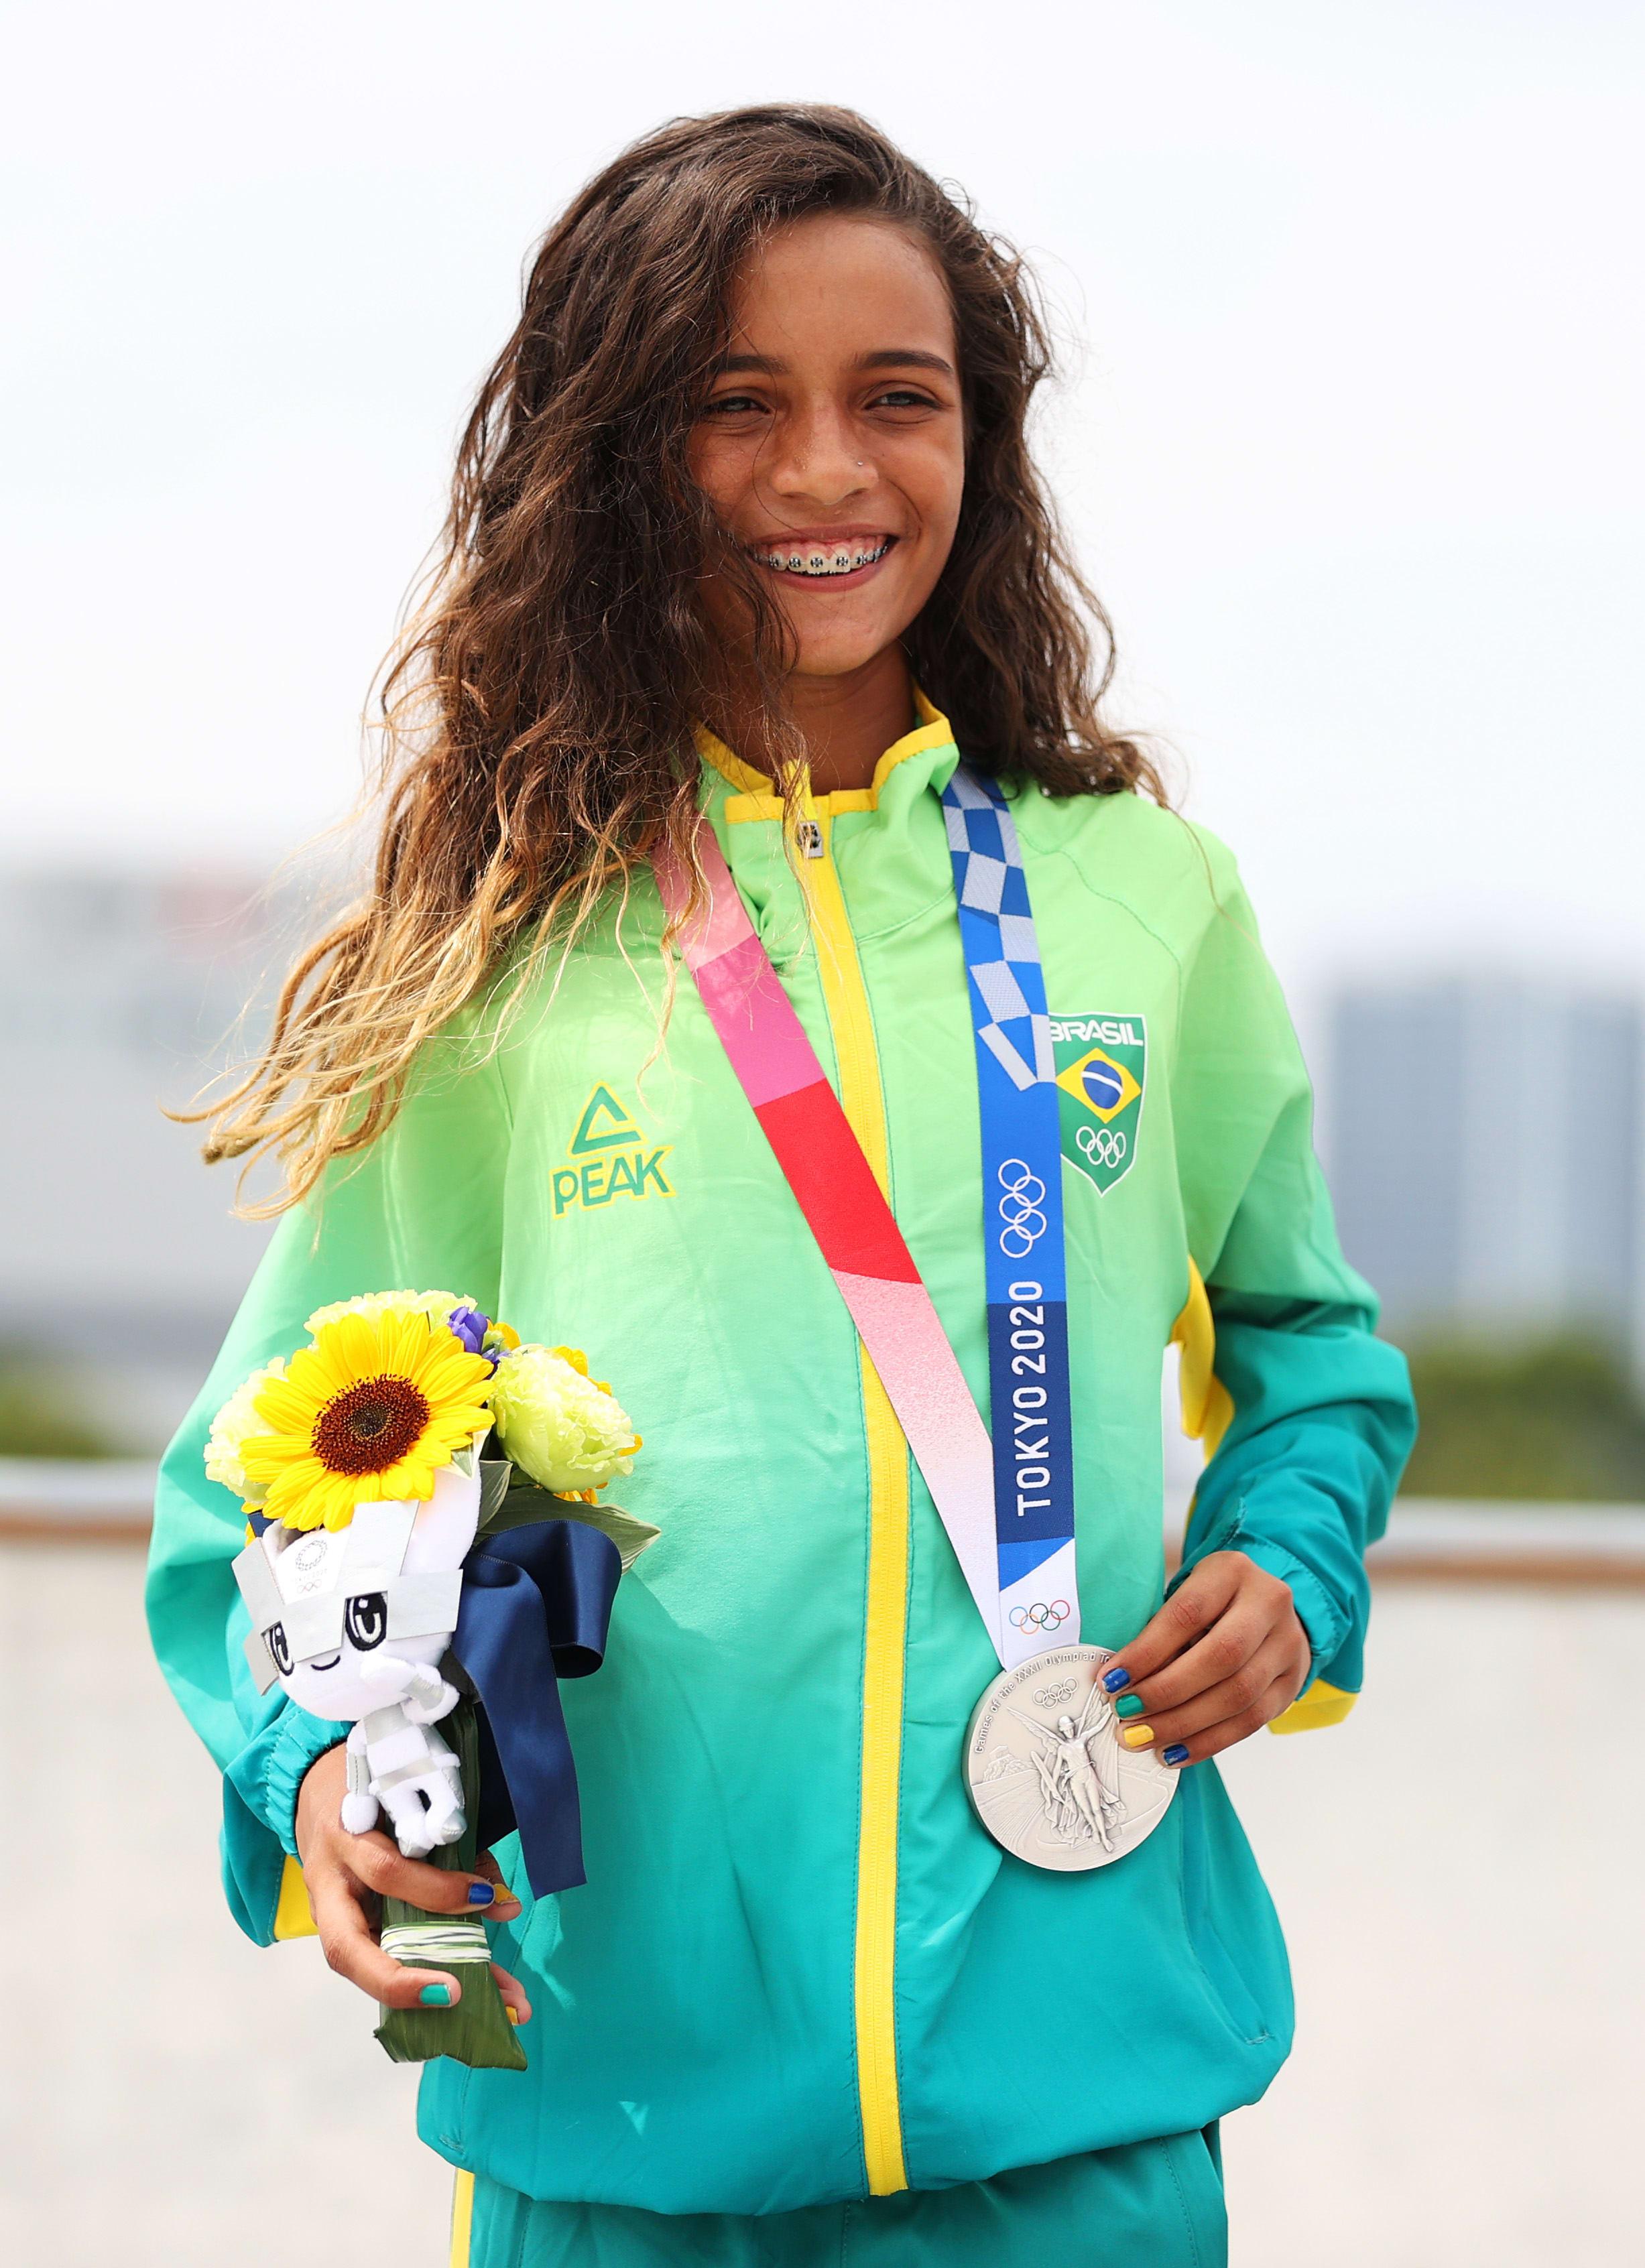 Rayssa segurando a medalha e um buquê que vem acompanhado de um bichinho de pelúcia.